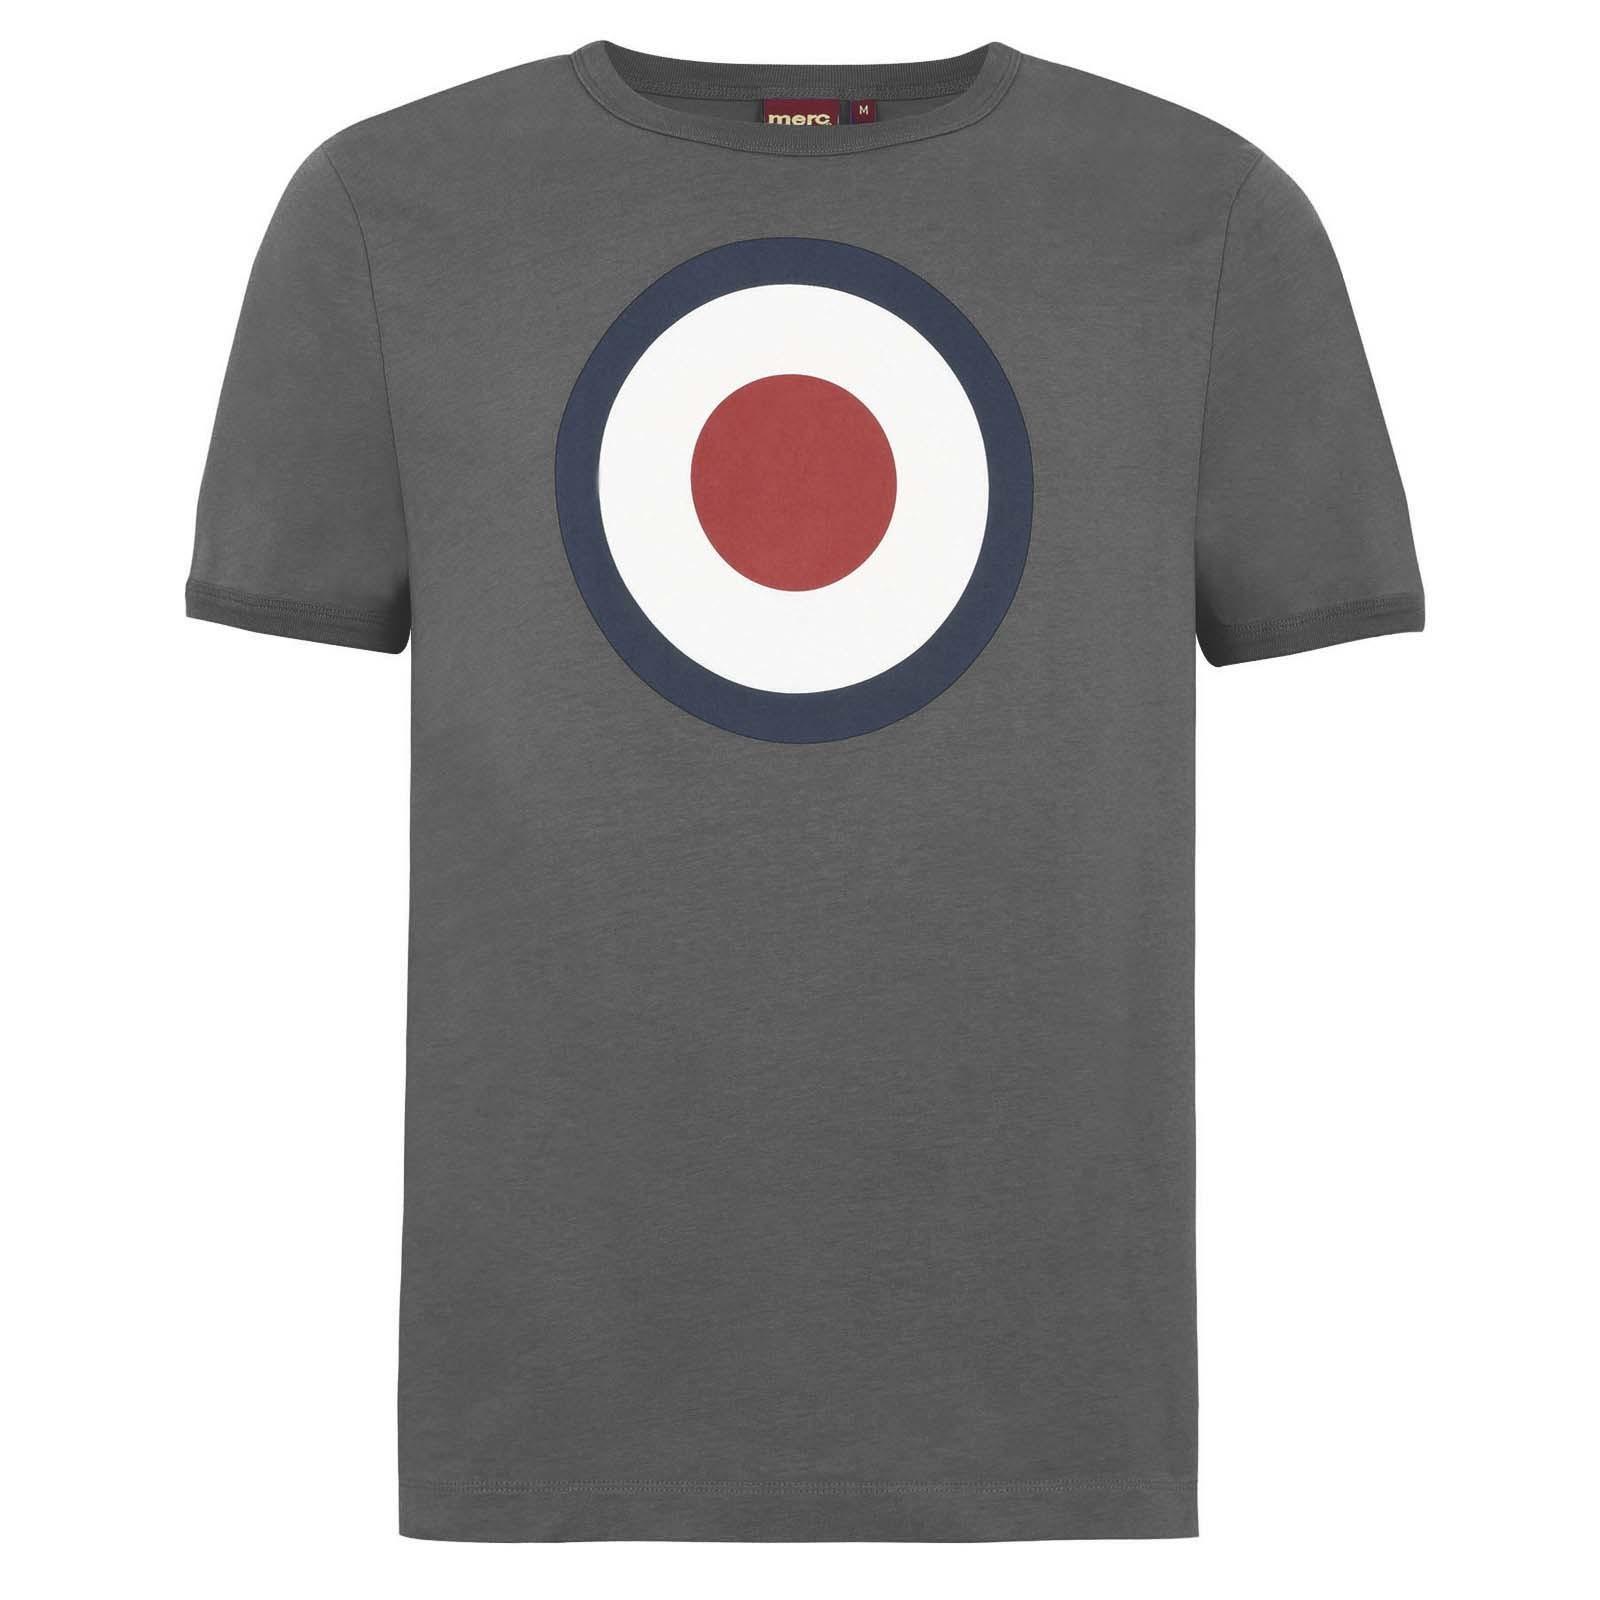 Koszulka MERC LONDON TICKET T SHIRT szara